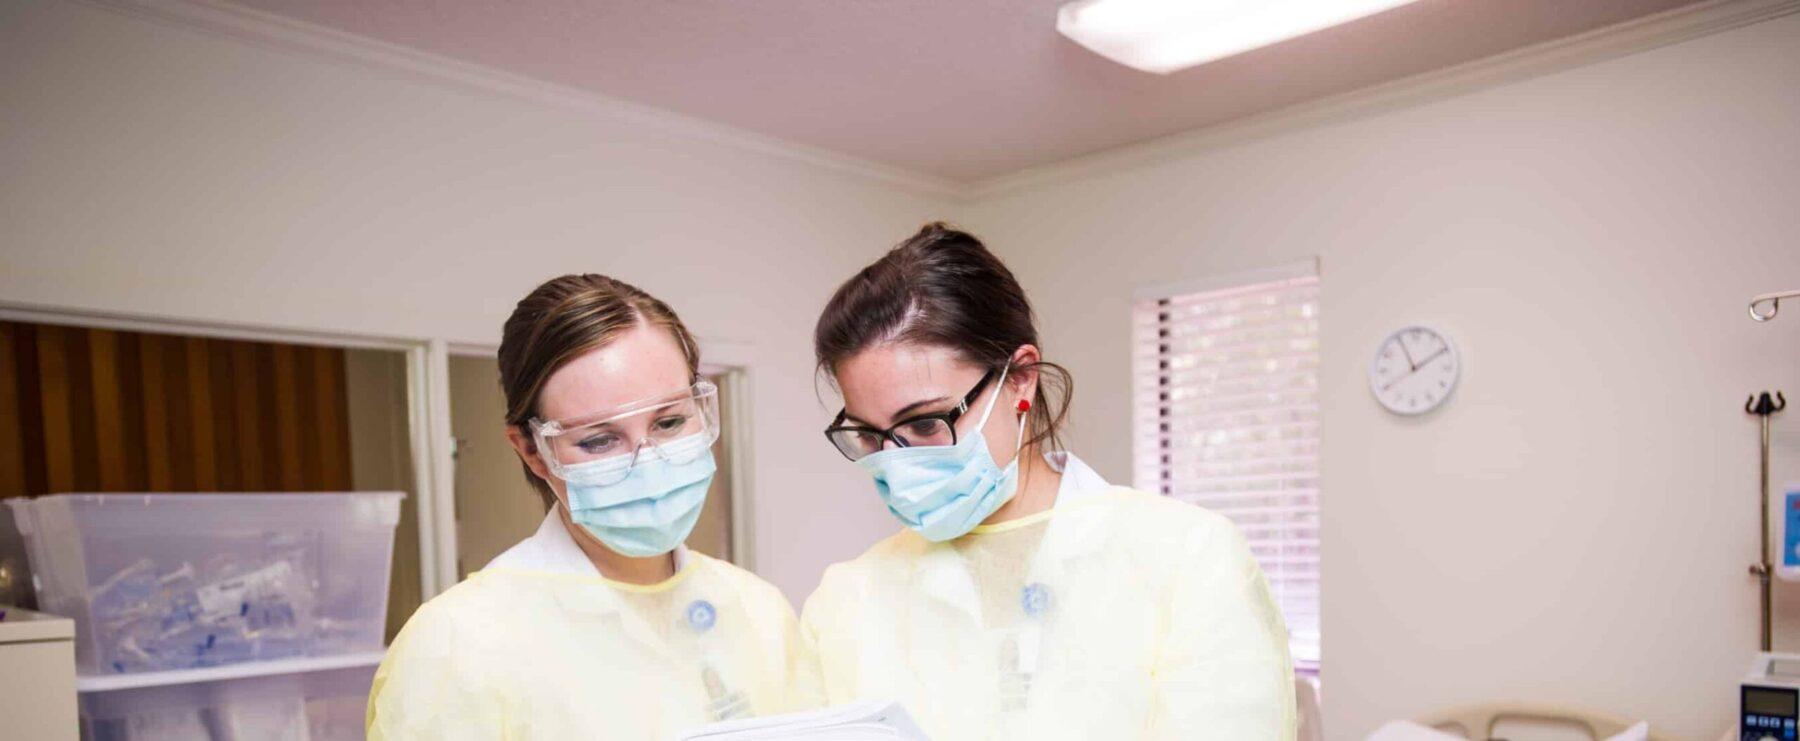 13326-Nursing training-5672